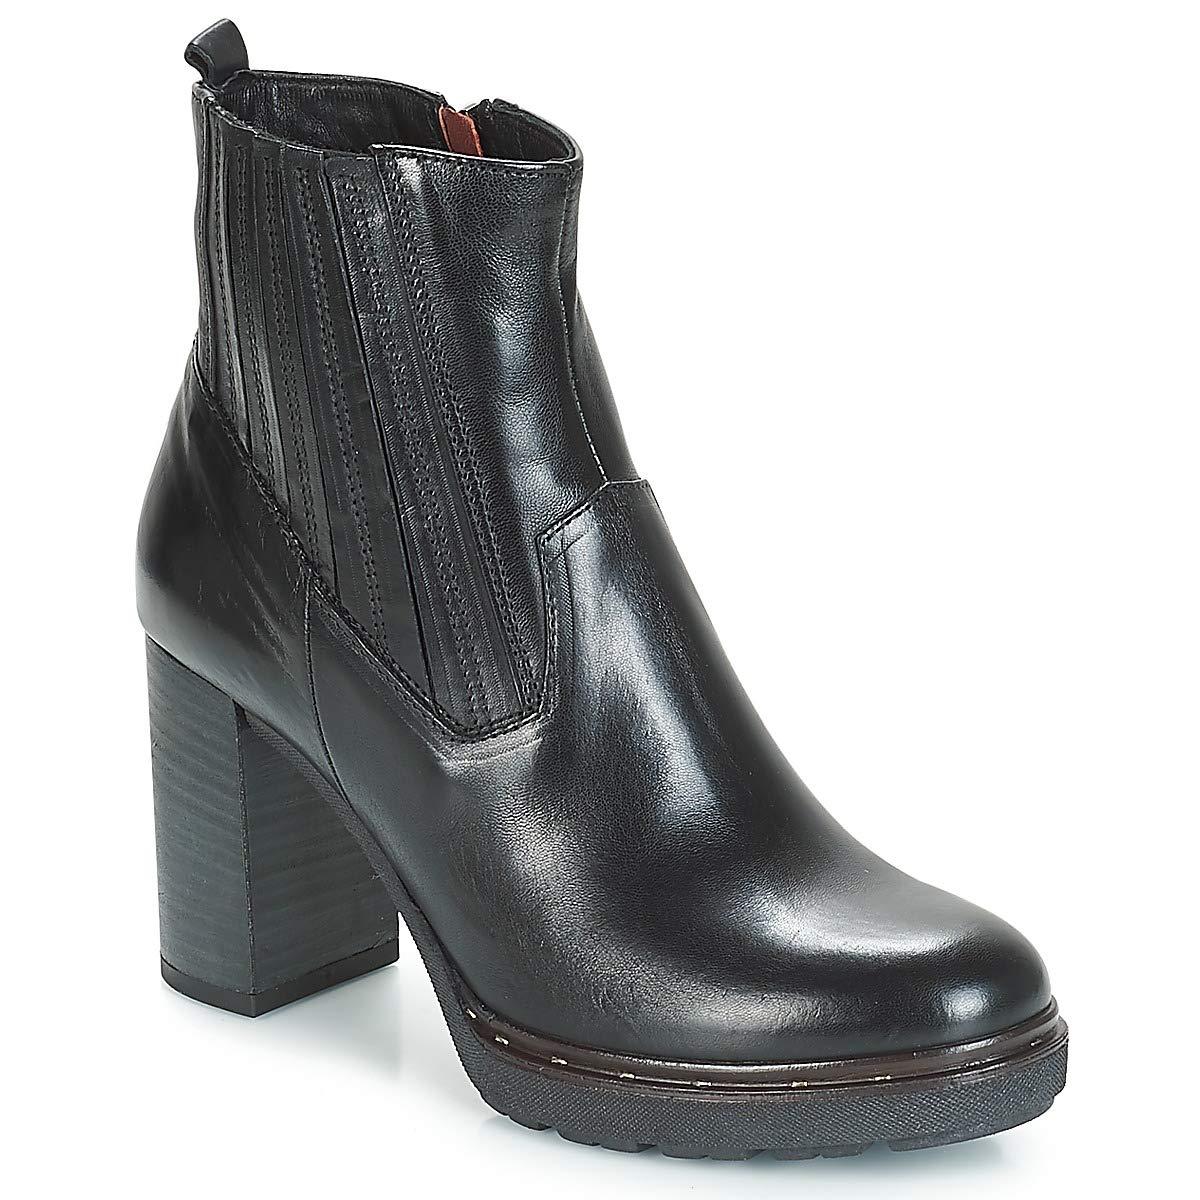 Dream in Grün JERYCABE Stiefelletten Stiefel Damen Schwarz Low Stiefel  | Genial Und Praktisch